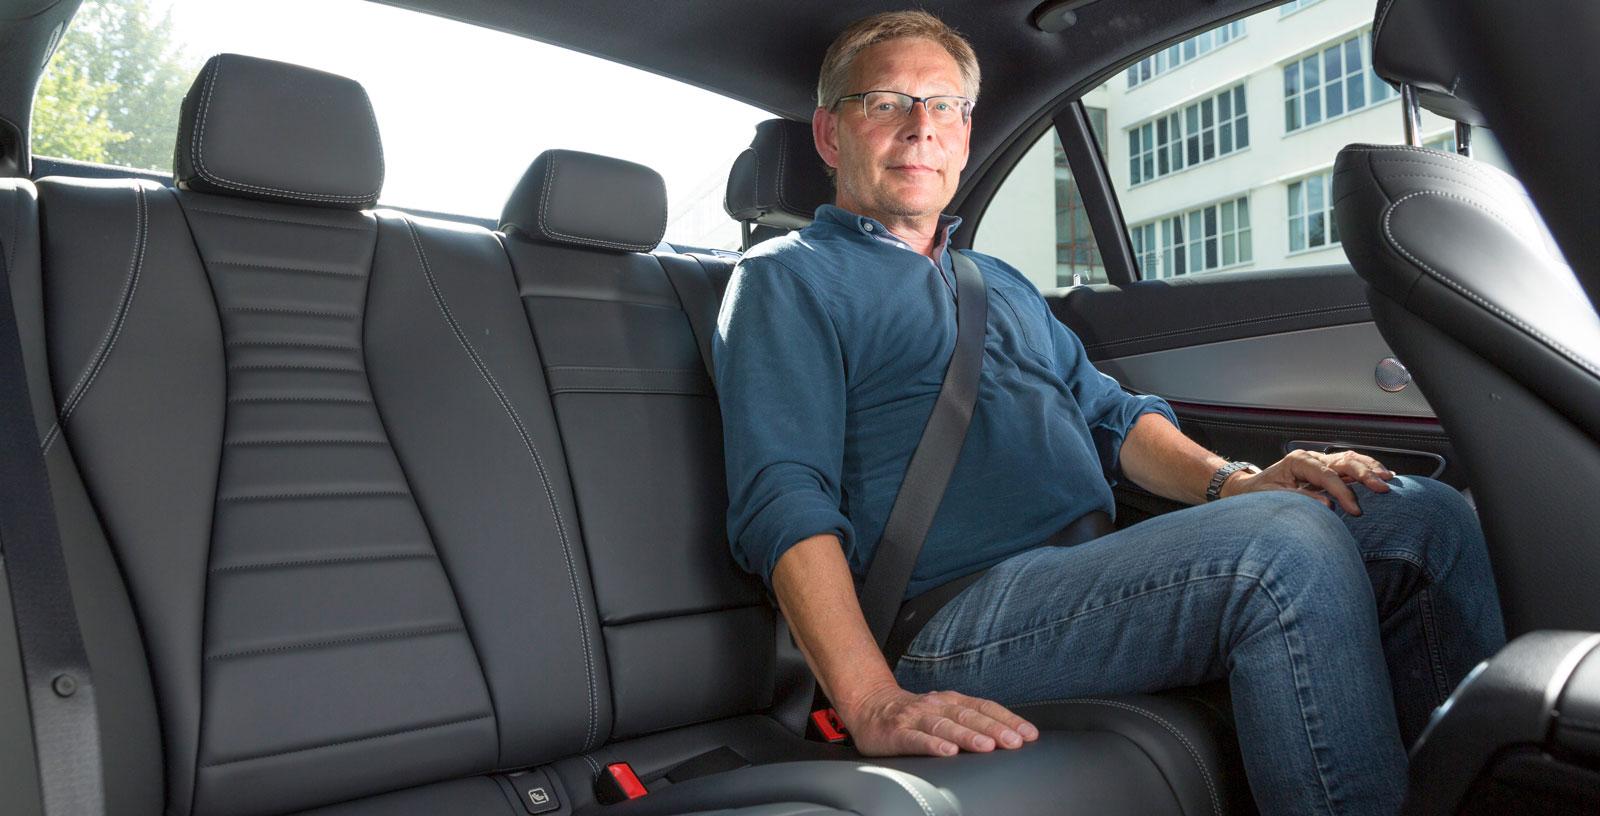 Mercedes baksäte har den totalt sett bästa sittkomforten, men det är ganska trångt för fötterna under framstolarna. I övrigt räcker utrymmena gott och väl till för vuxna. I mittarmstödet finns mugghållare och förvaringsfack och som tillval finns bland annat sätesvärme och iPad-hållare.